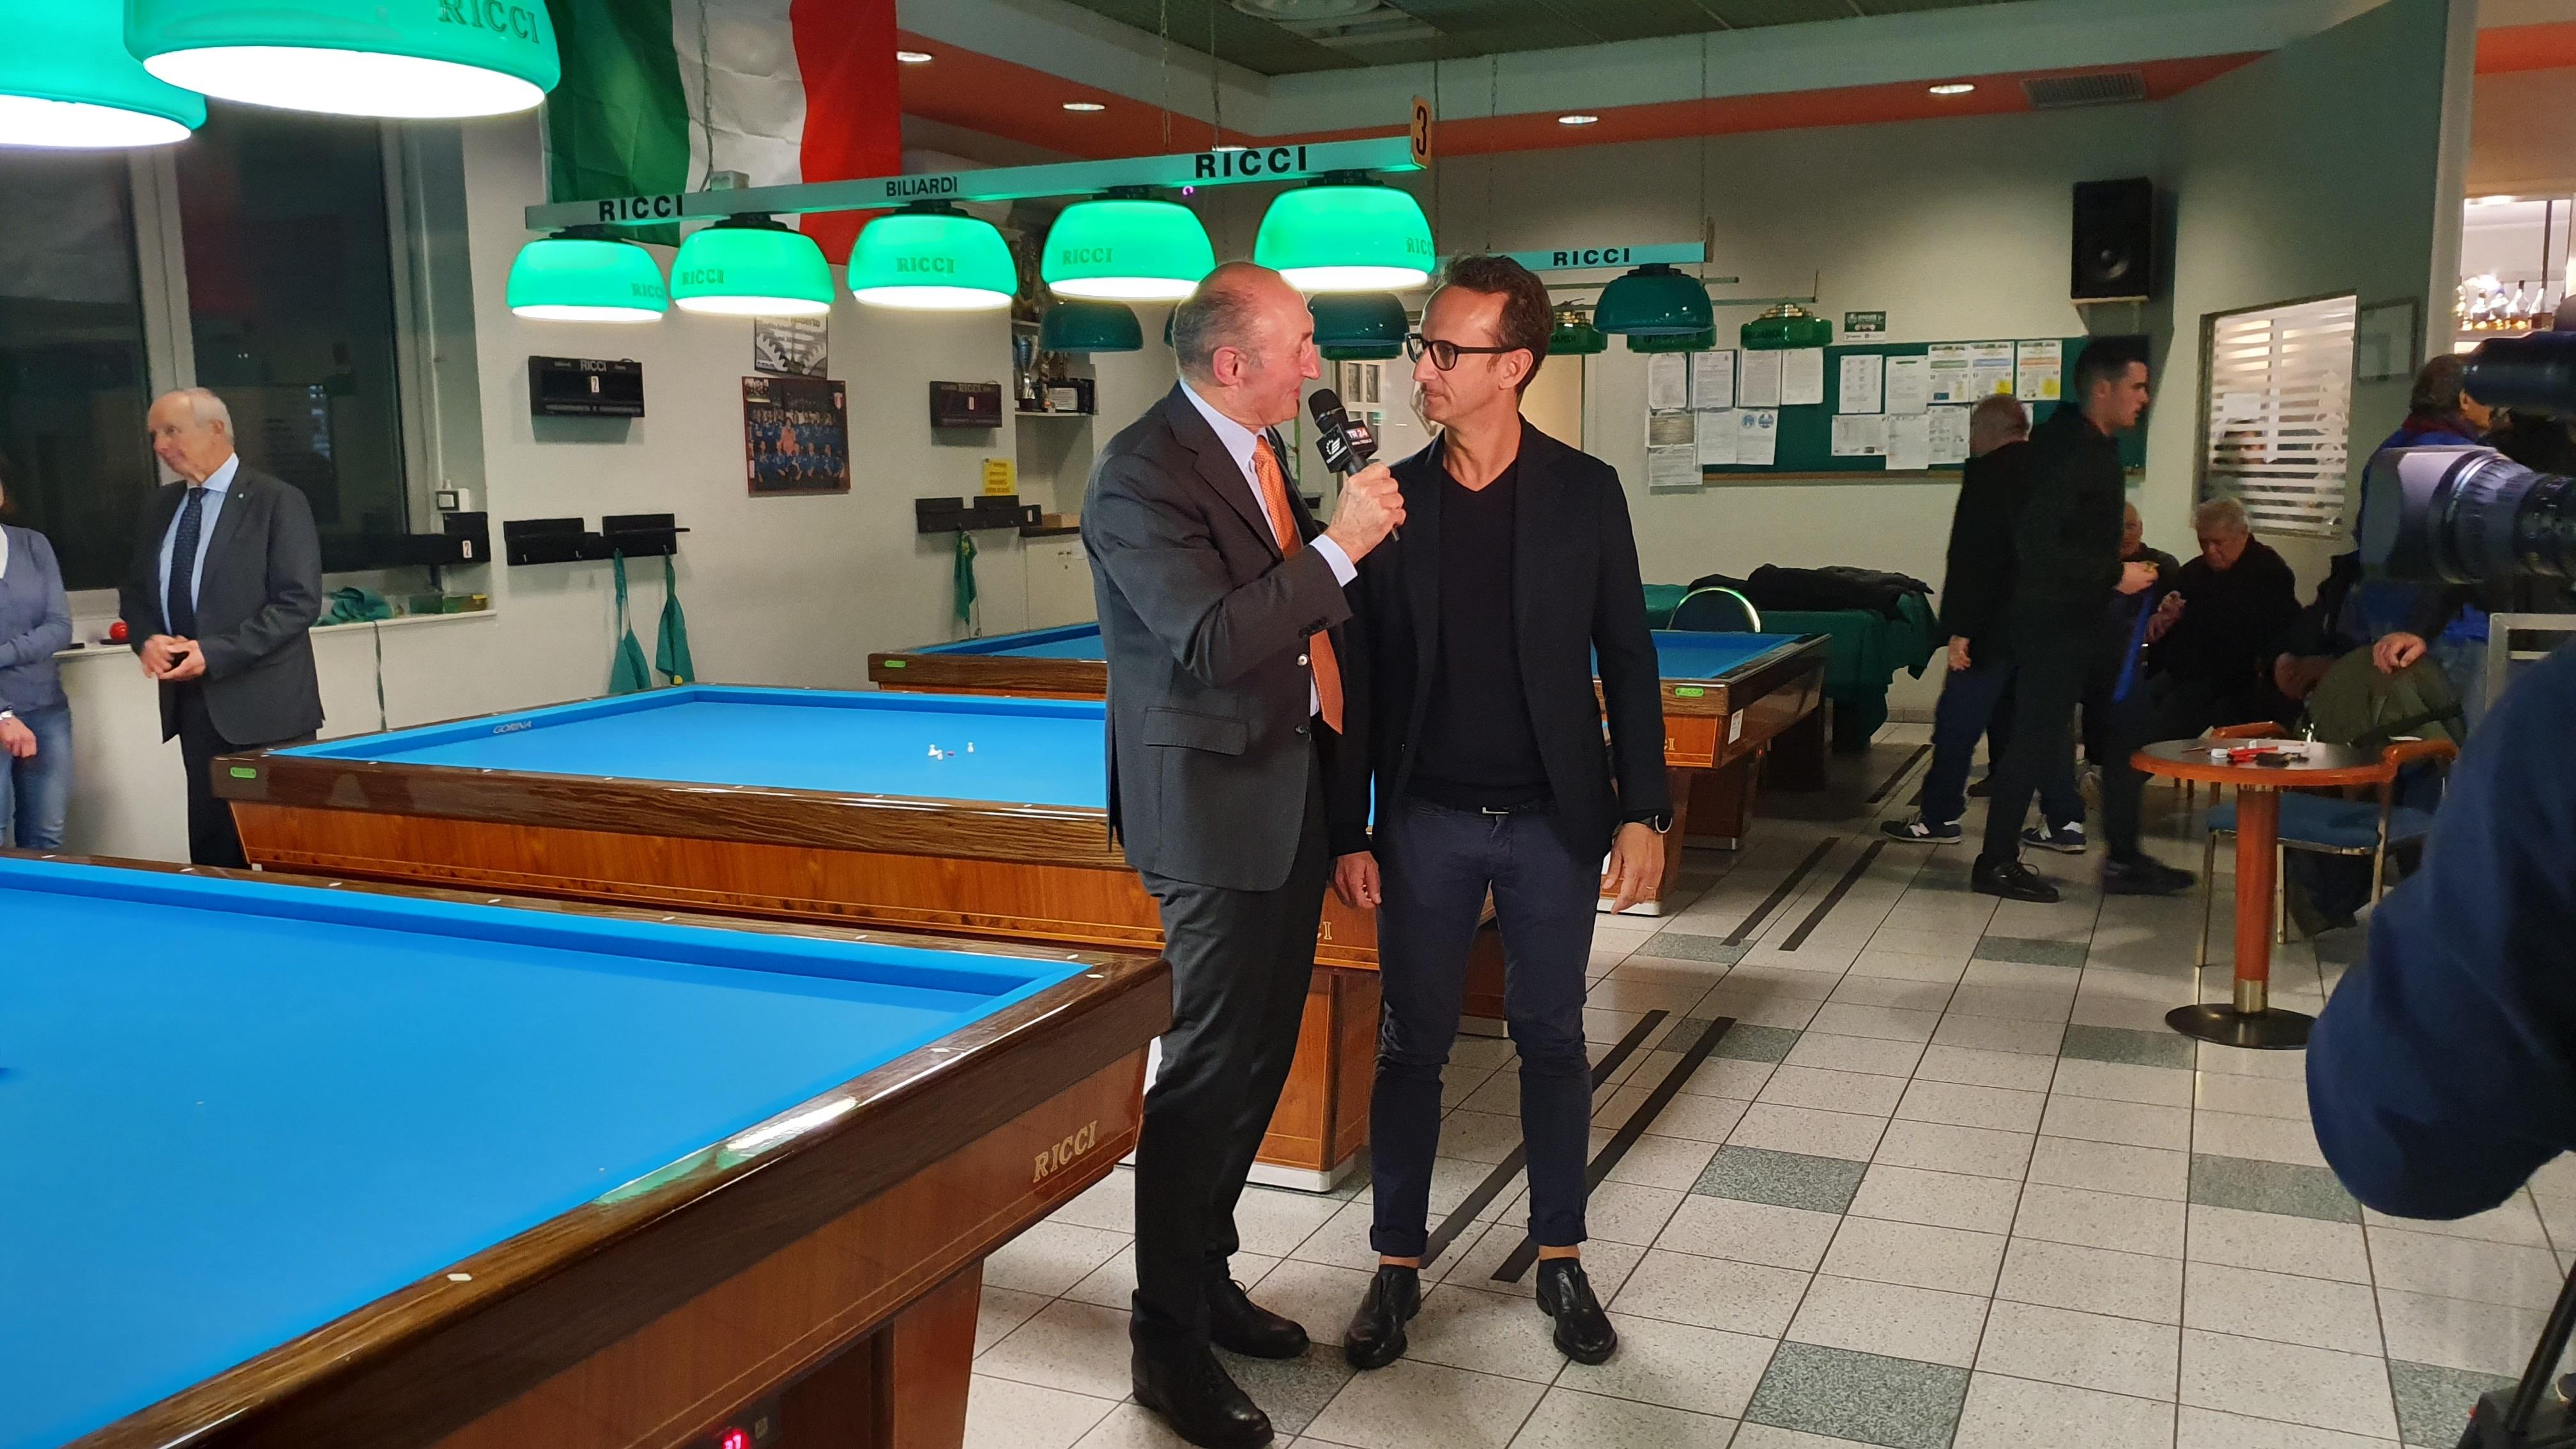 Intervista al consigliere comunale Albert Bentivogli